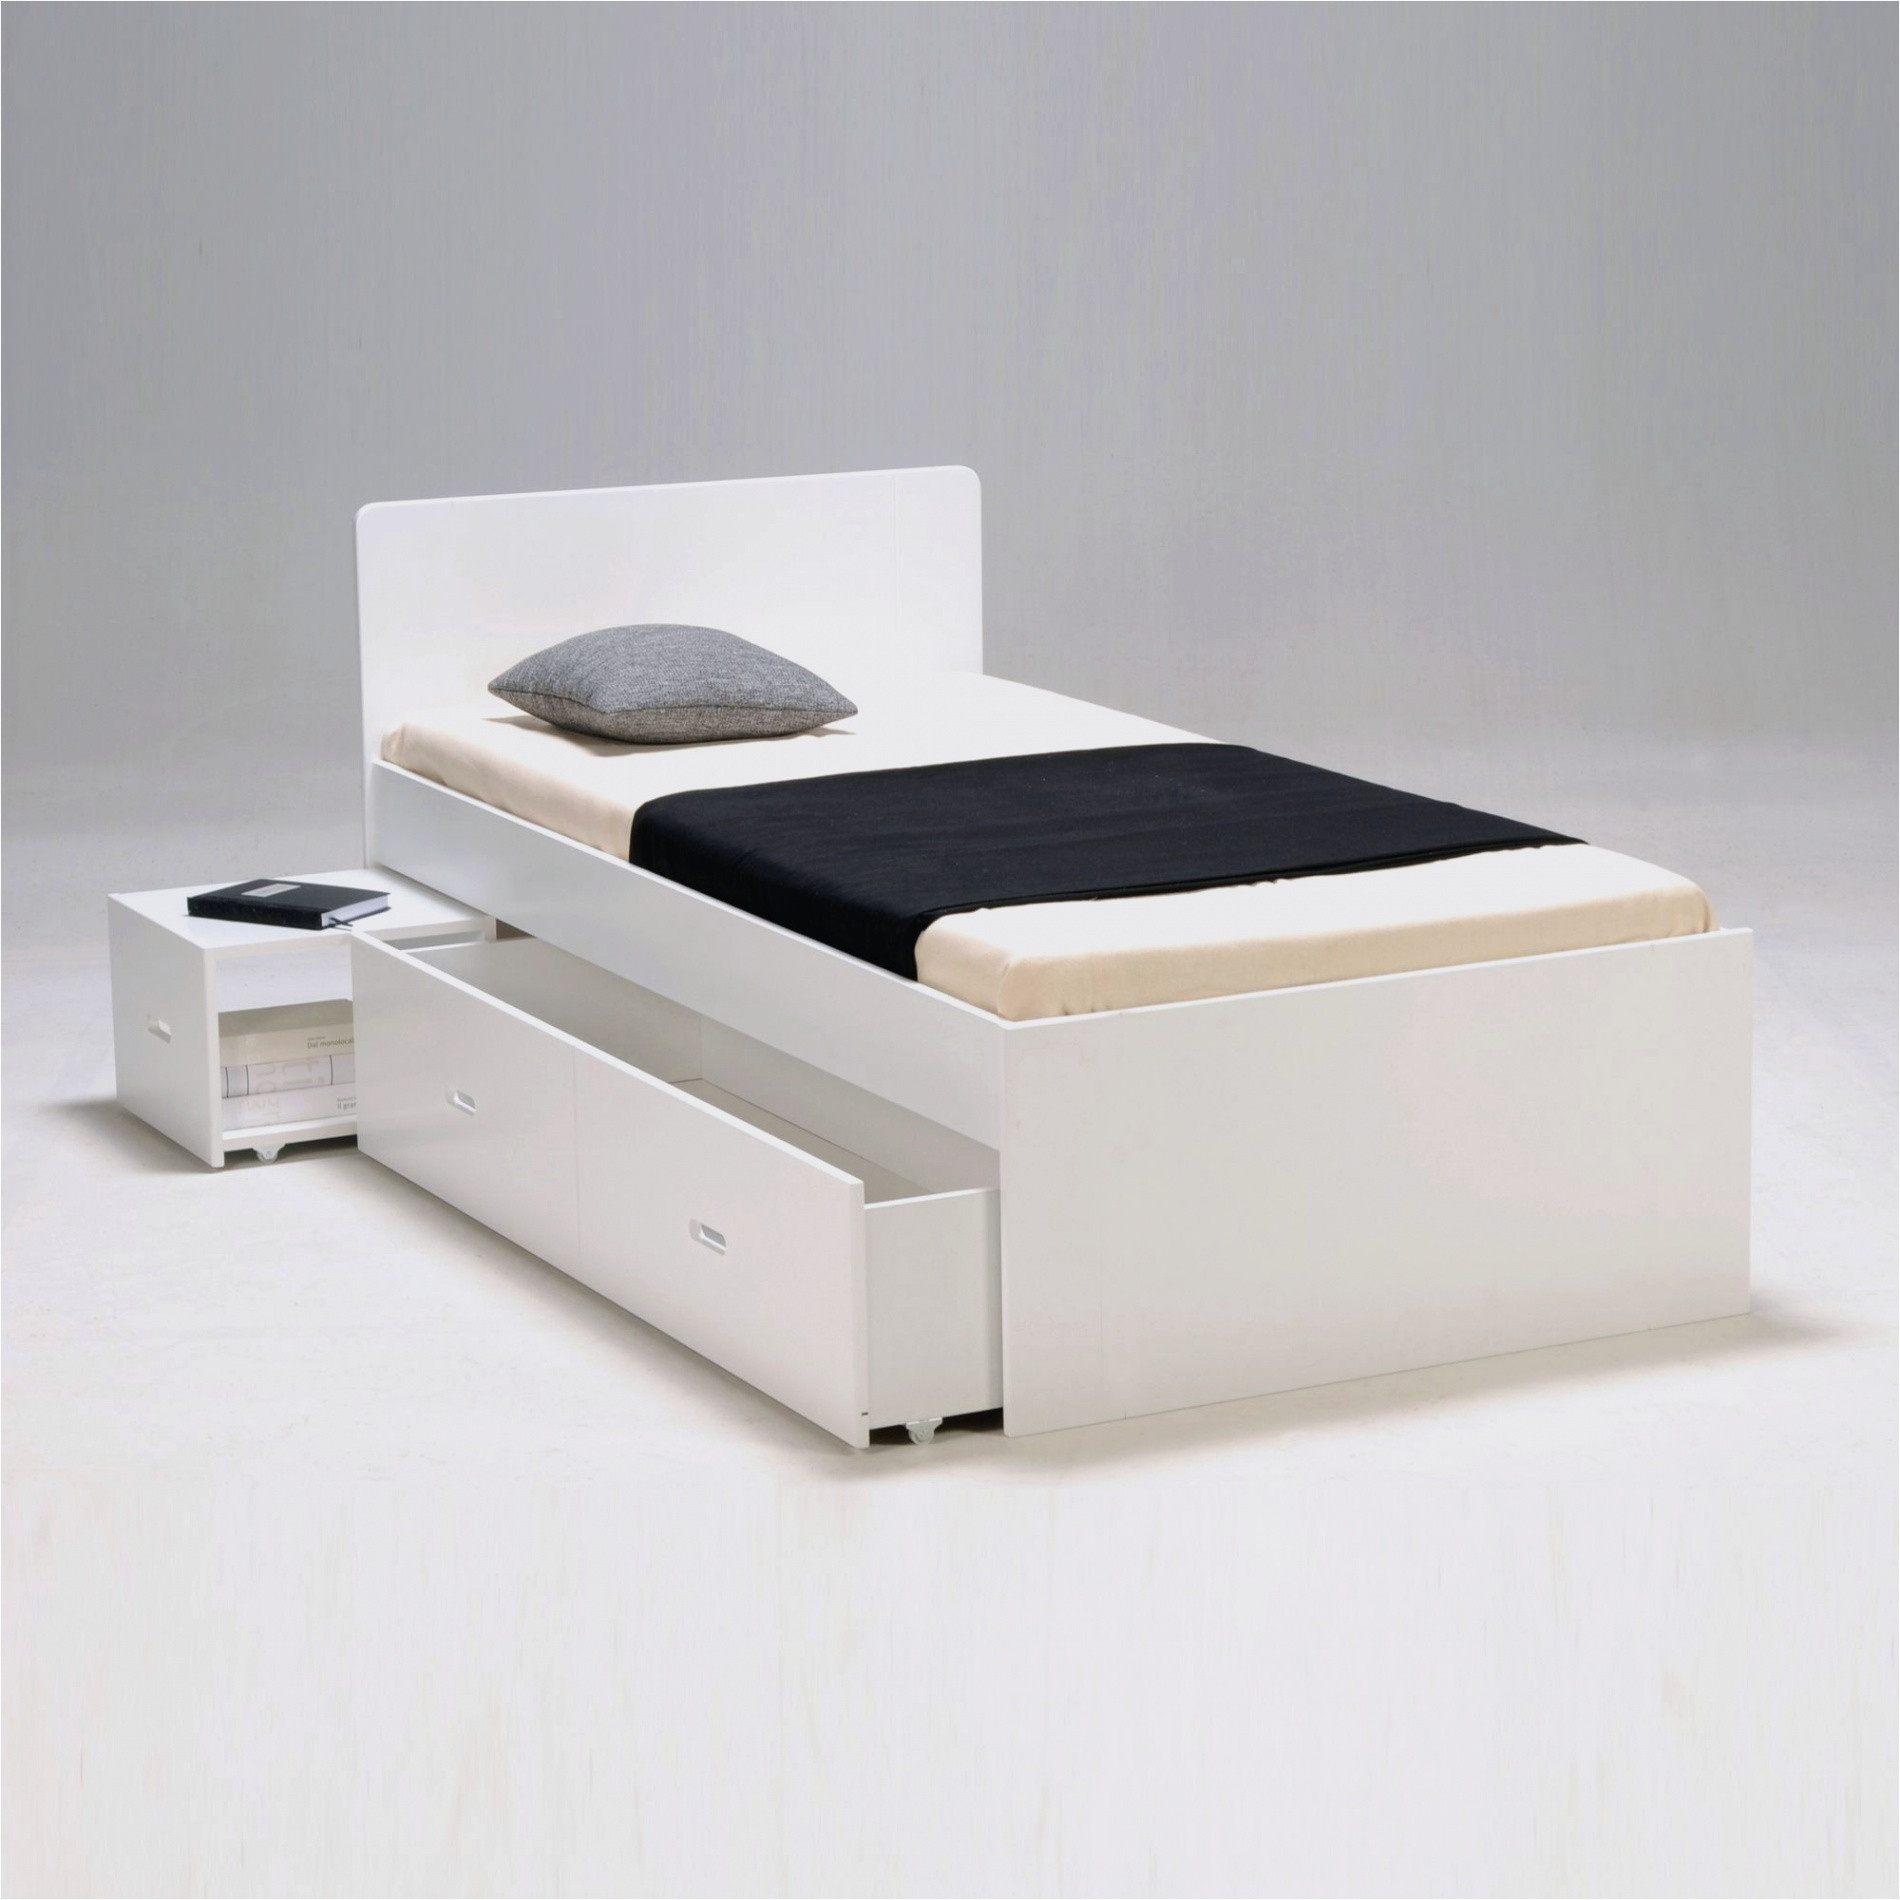 Ikea Lit Avec Rangement Élégant sommier 2 Places Lit Avec Rangement Meilleur De sommier Ikea 140—190